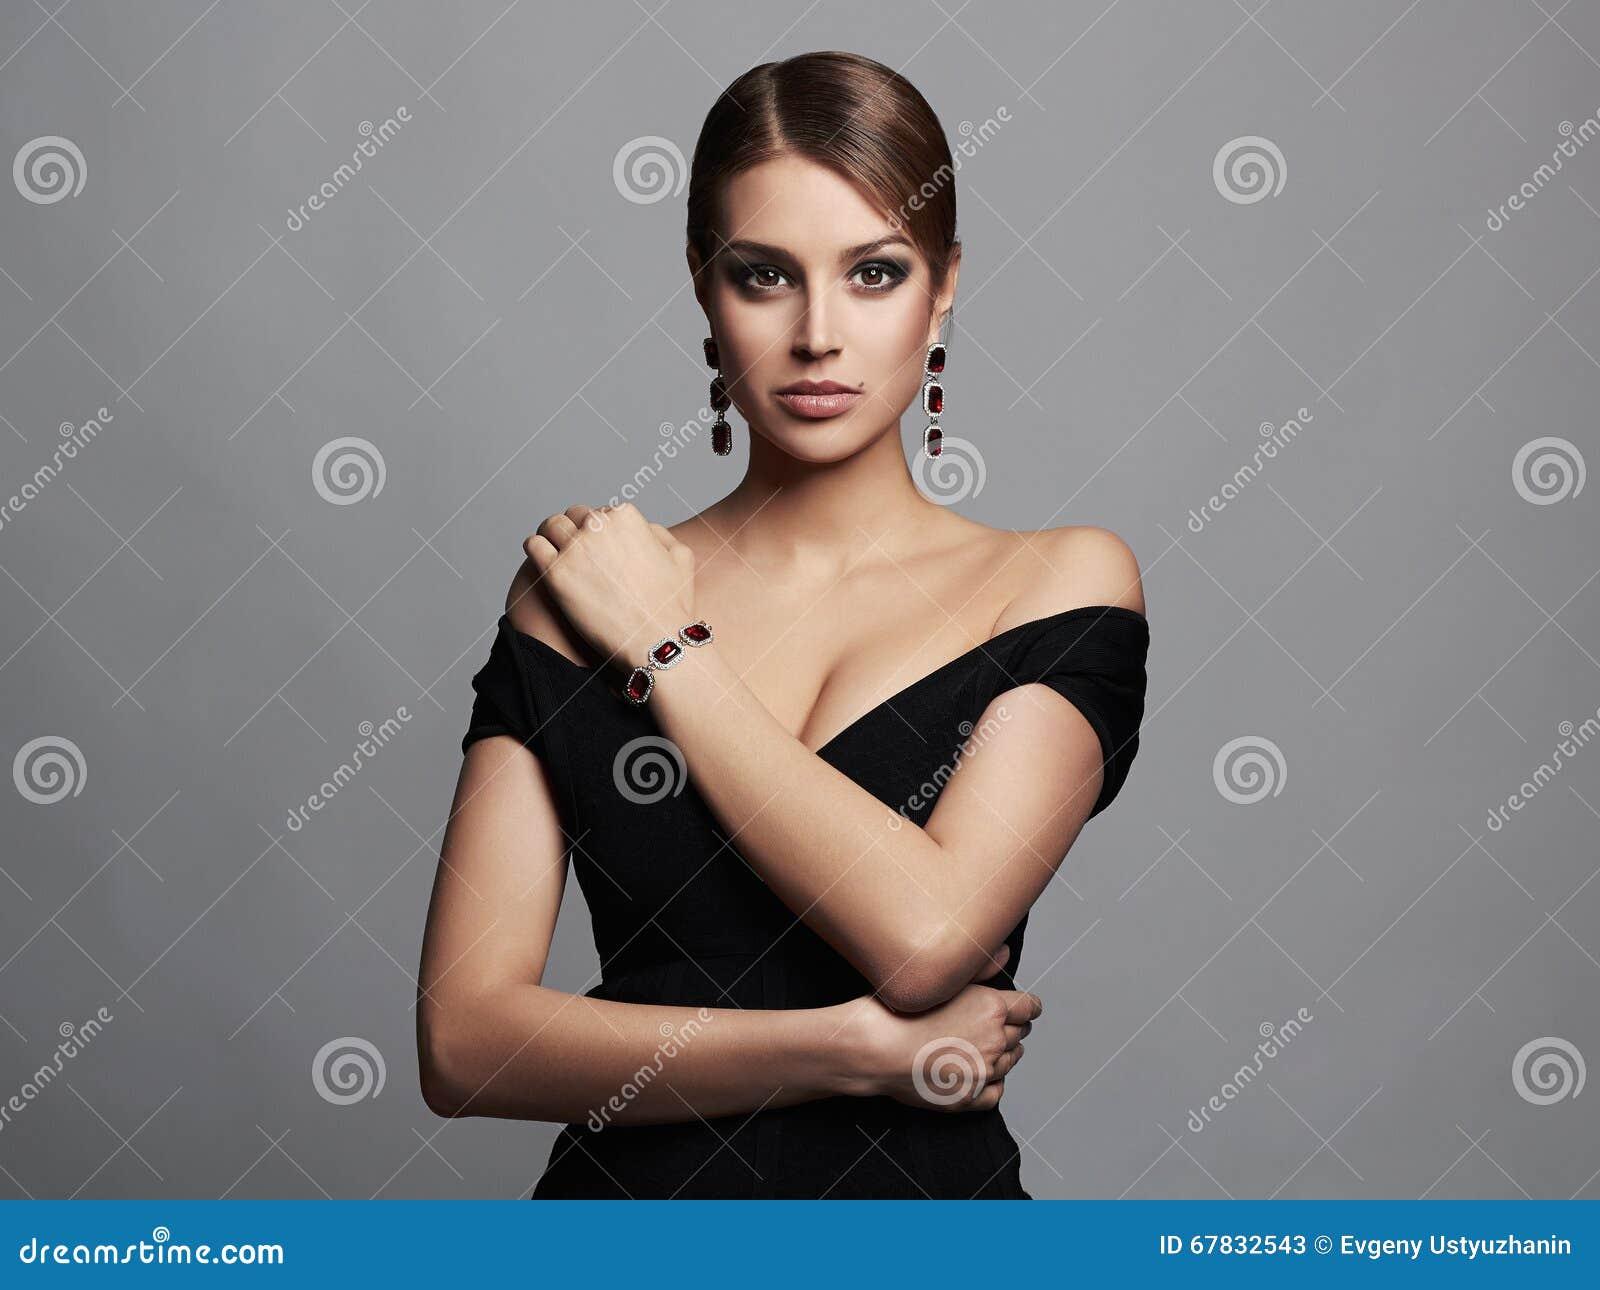 Welchen schmuck zum schwarzen kleid